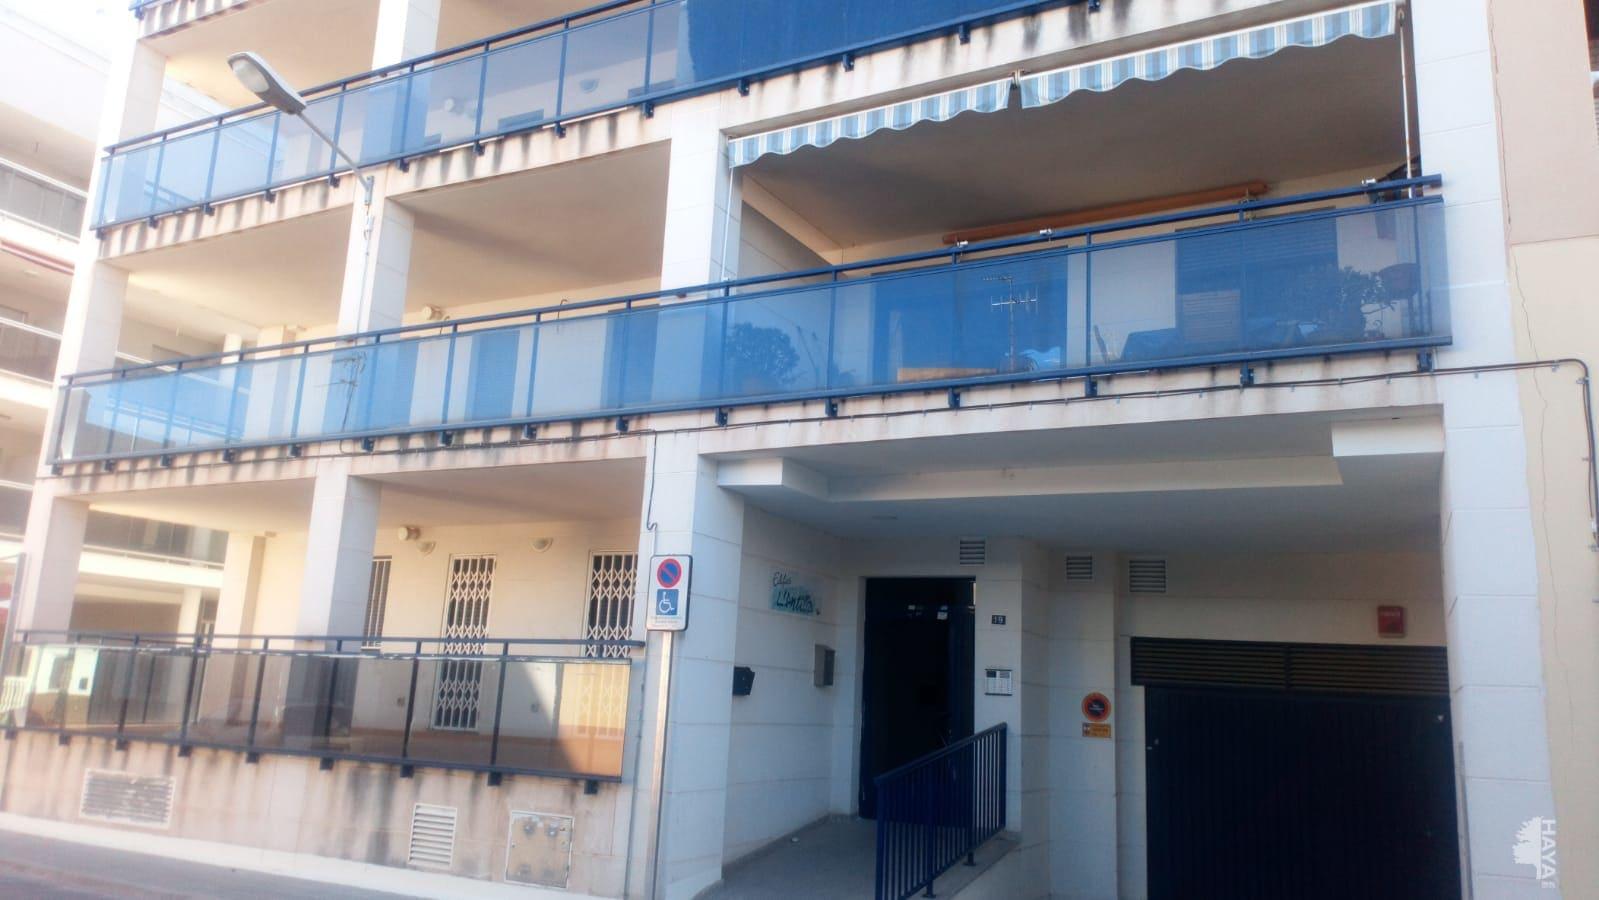 Piso en venta en El Grao, Moncofa, Castellón, Calle Isaac Peral, 78.291 €, 2 habitaciones, 1 baño, 85 m2